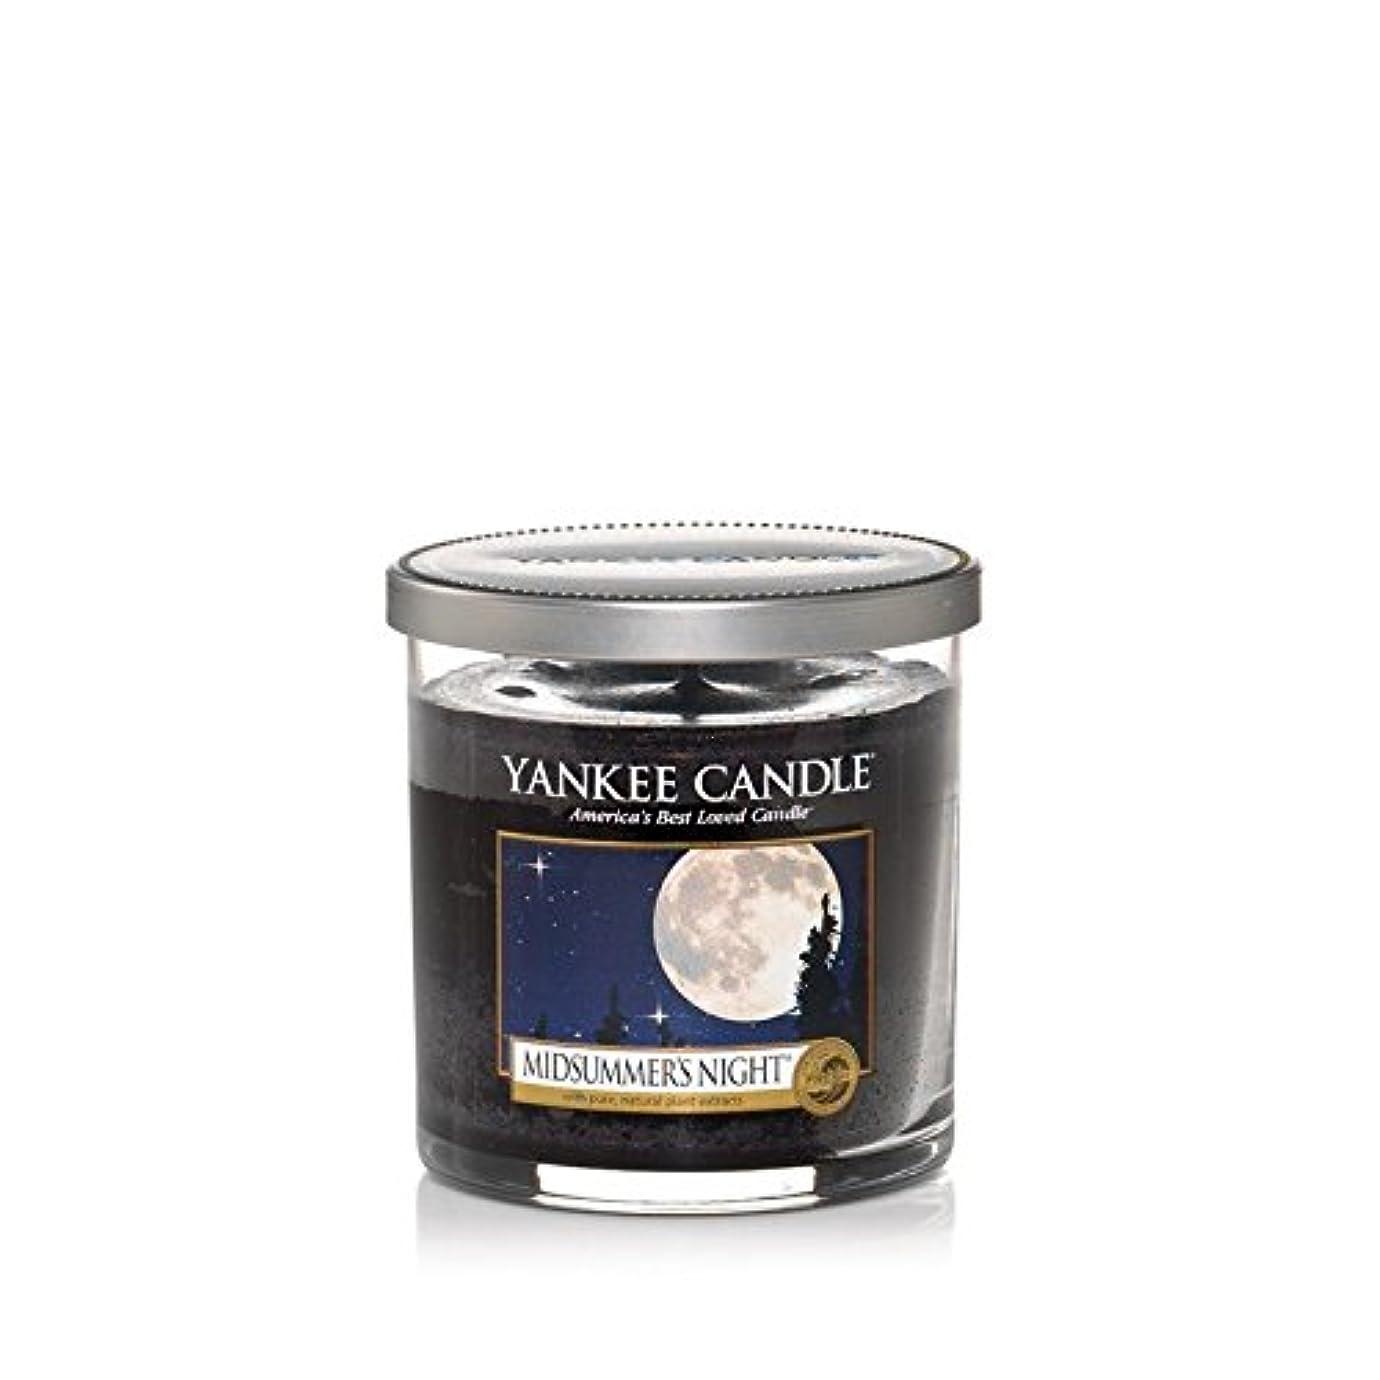 負ポインタ解読するYankee Candles Small Pillar Candle - Midsummers Night (Pack of 2) - ヤンキーキャンドルの小さな柱キャンドル - Midsummers夜 (x2) [並行輸入品]